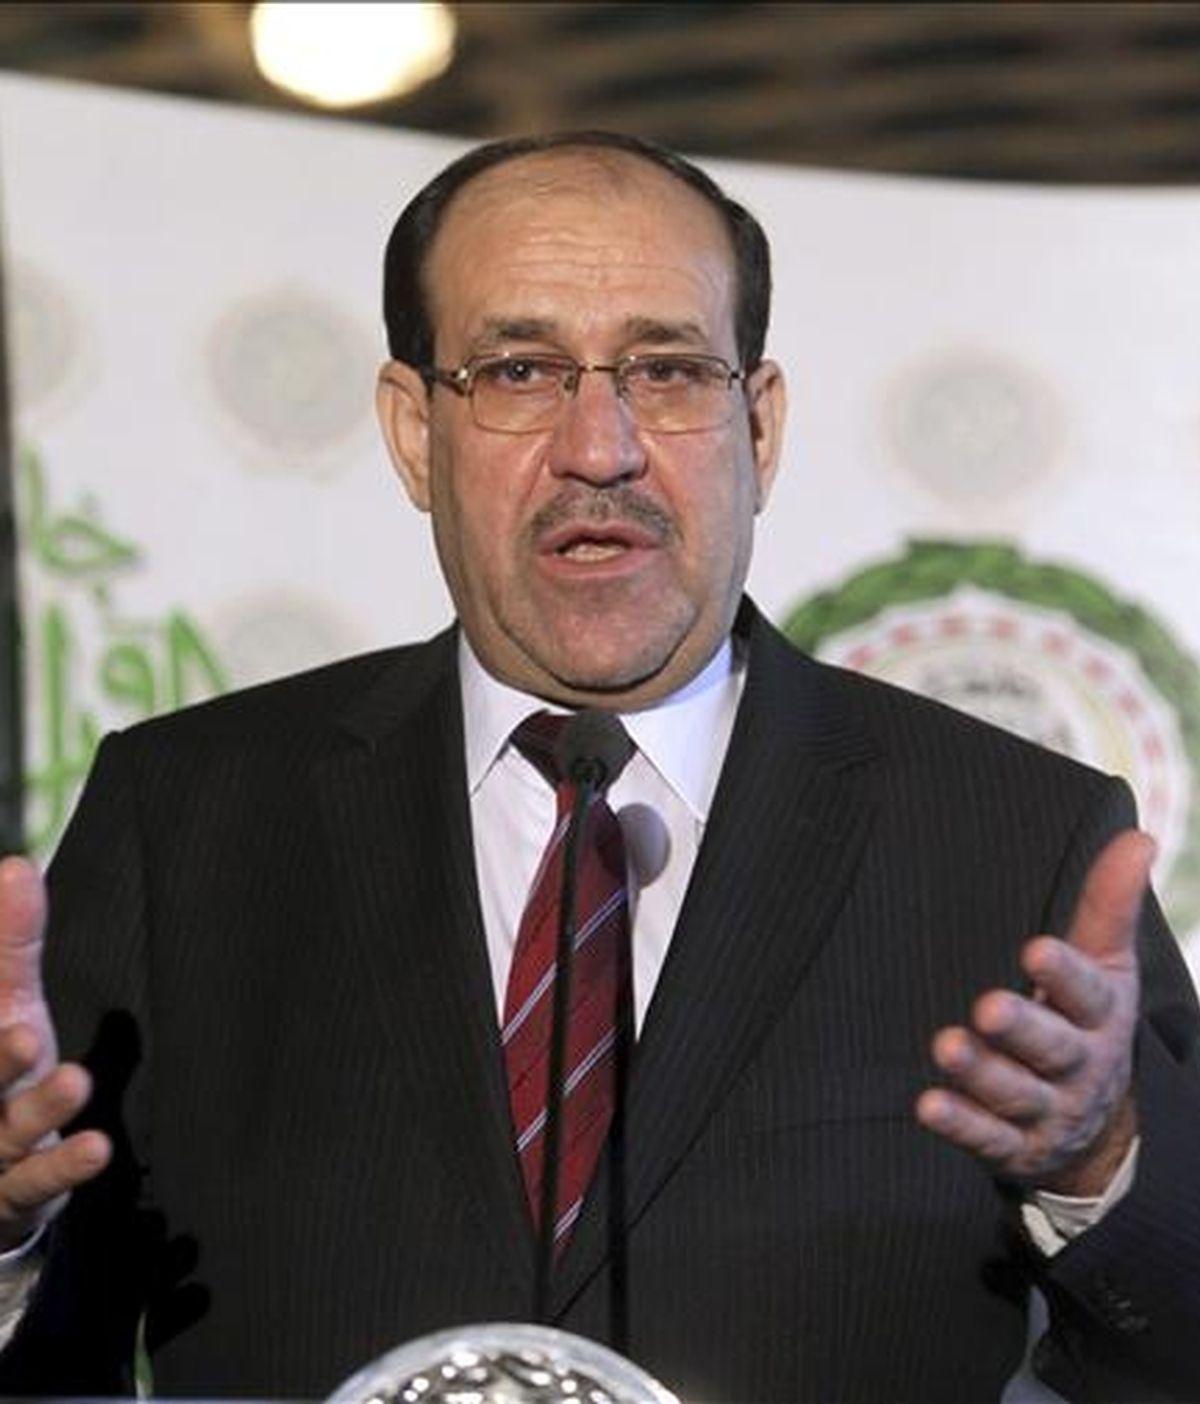 El primer ministro en funciones iraquí, Nuri al Maliki, durante una rueda de prensa. EFE/Archivo